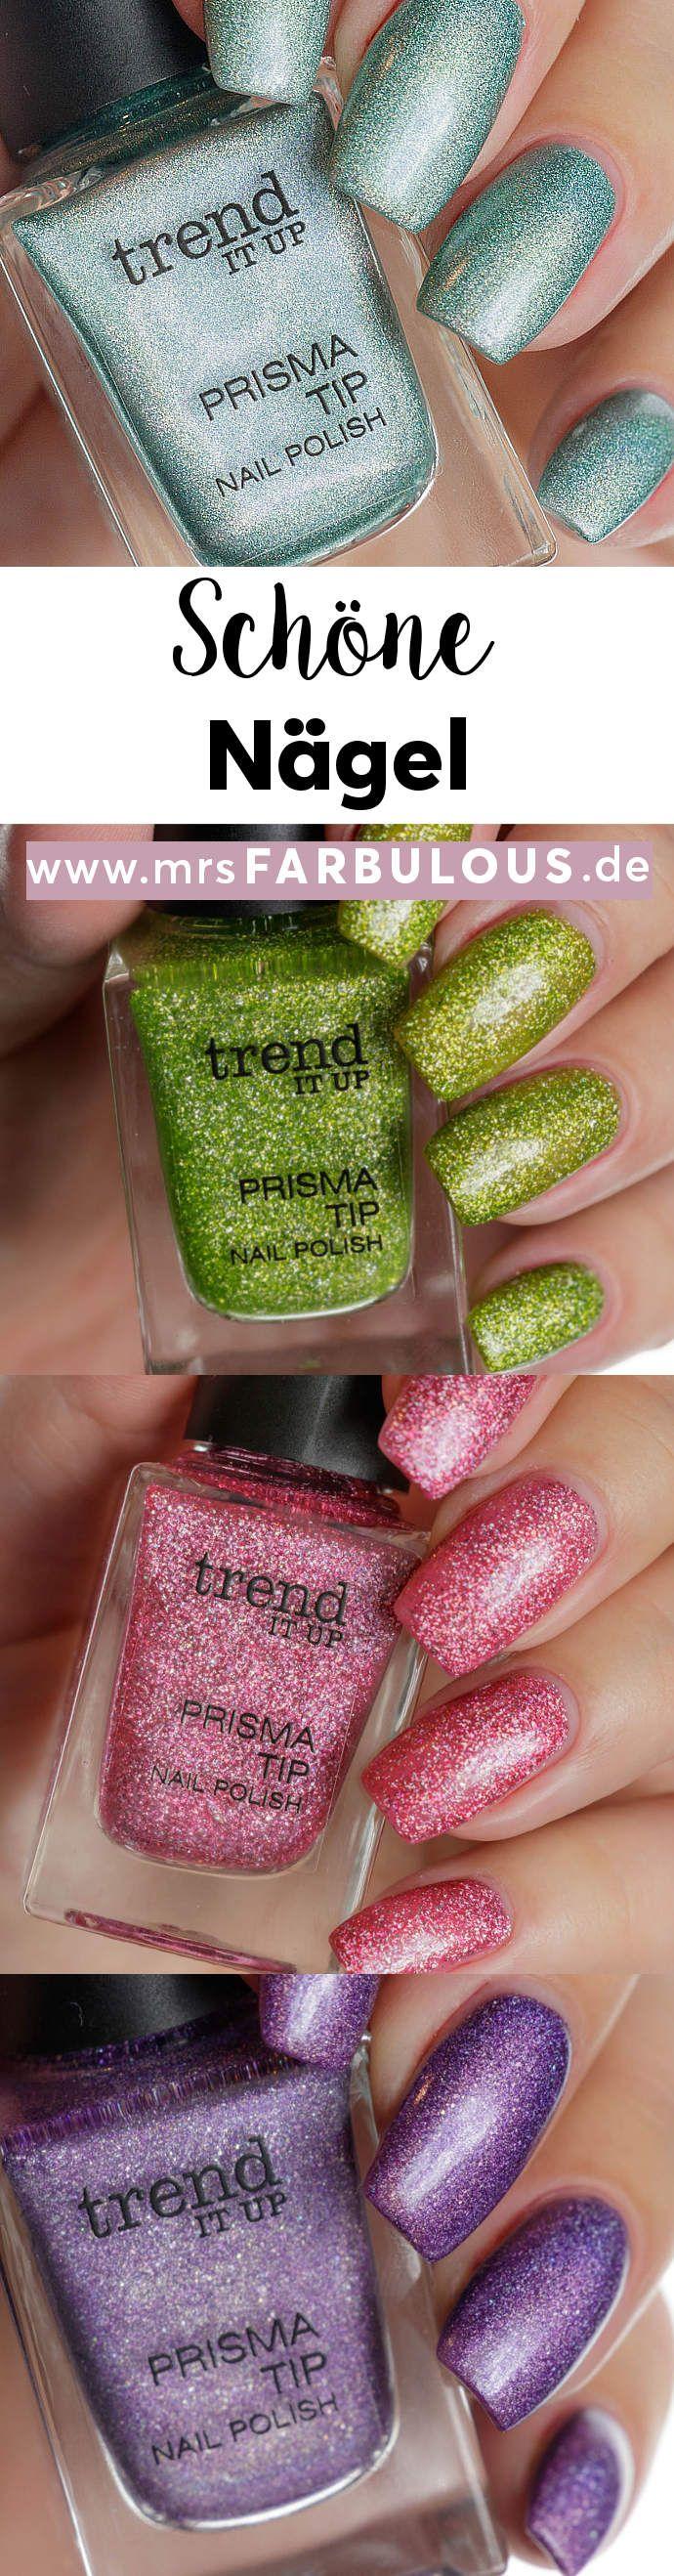 trend IT UP Prisma Tip Nagellack Tragebilder | schöne Nägel ...